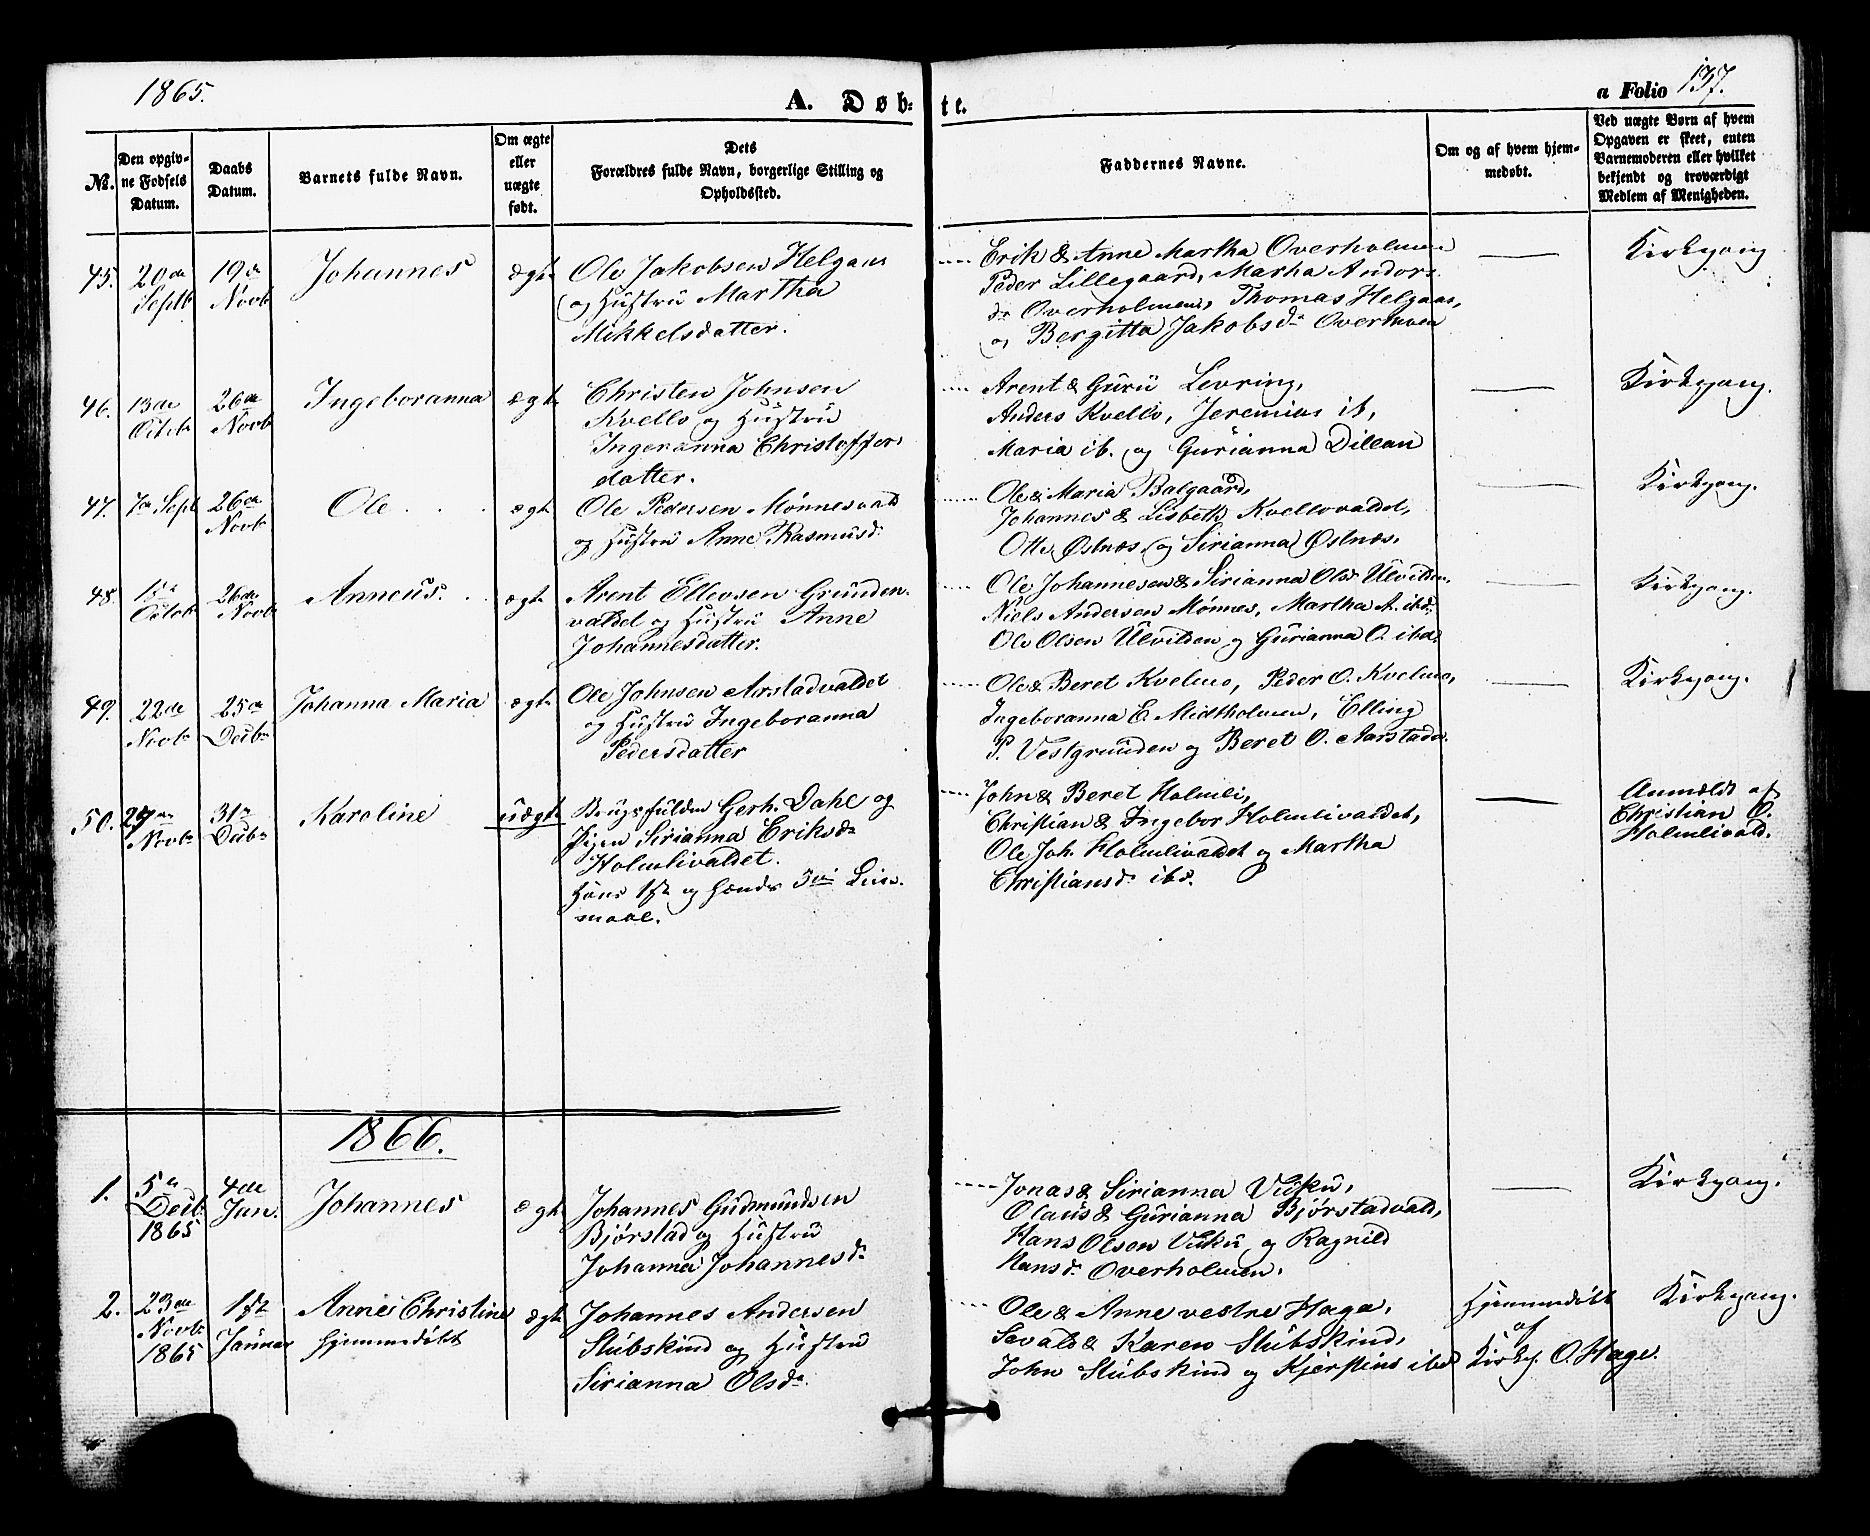 SAT, Ministerialprotokoller, klokkerbøker og fødselsregistre - Nord-Trøndelag, 724/L0268: Klokkerbok nr. 724C04, 1846-1878, s. 137